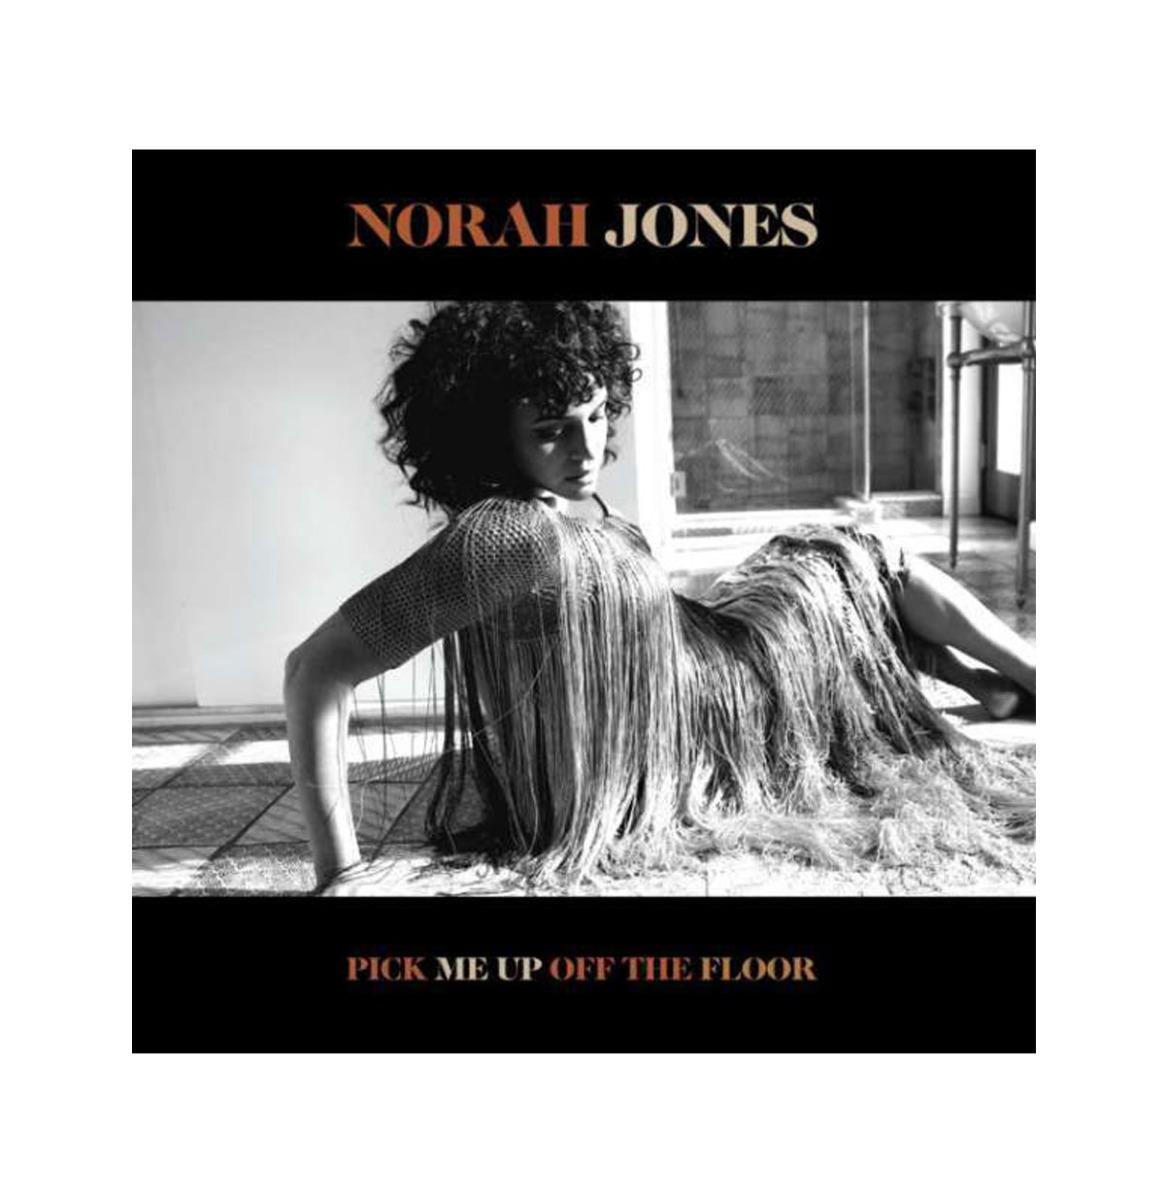 Norah Jones - Pick Me Up Off The Floor LP